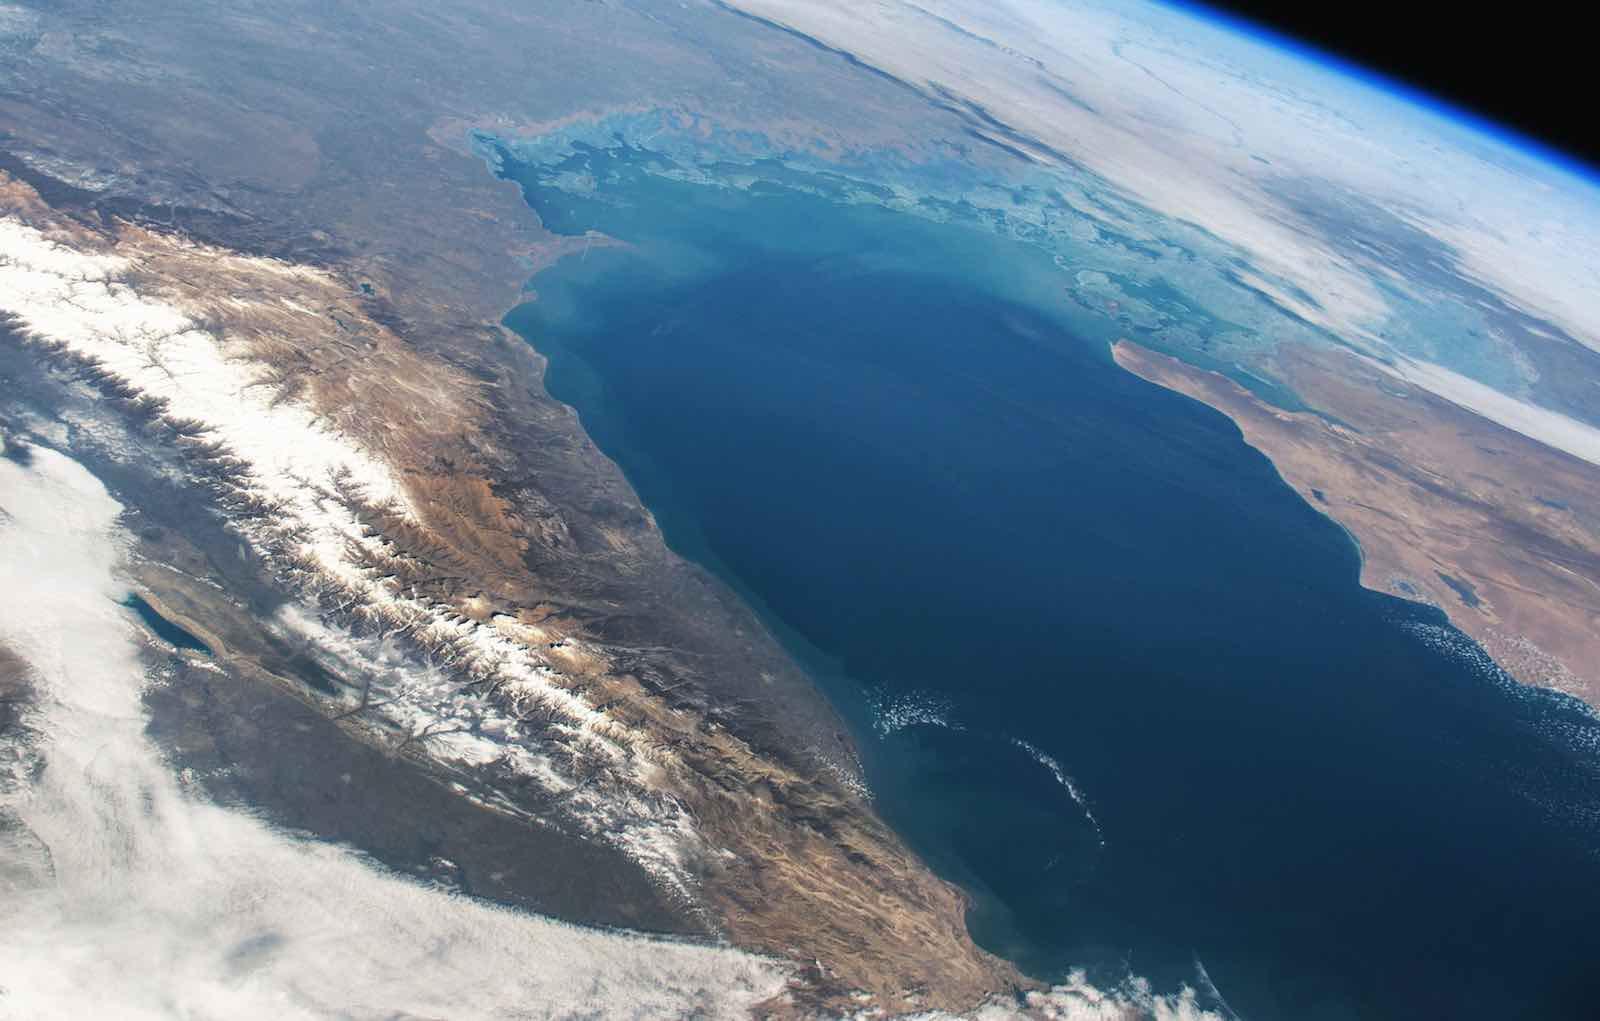 Caspian Sea from space (Photo: NASA via Stuart Rankin/Flickr)